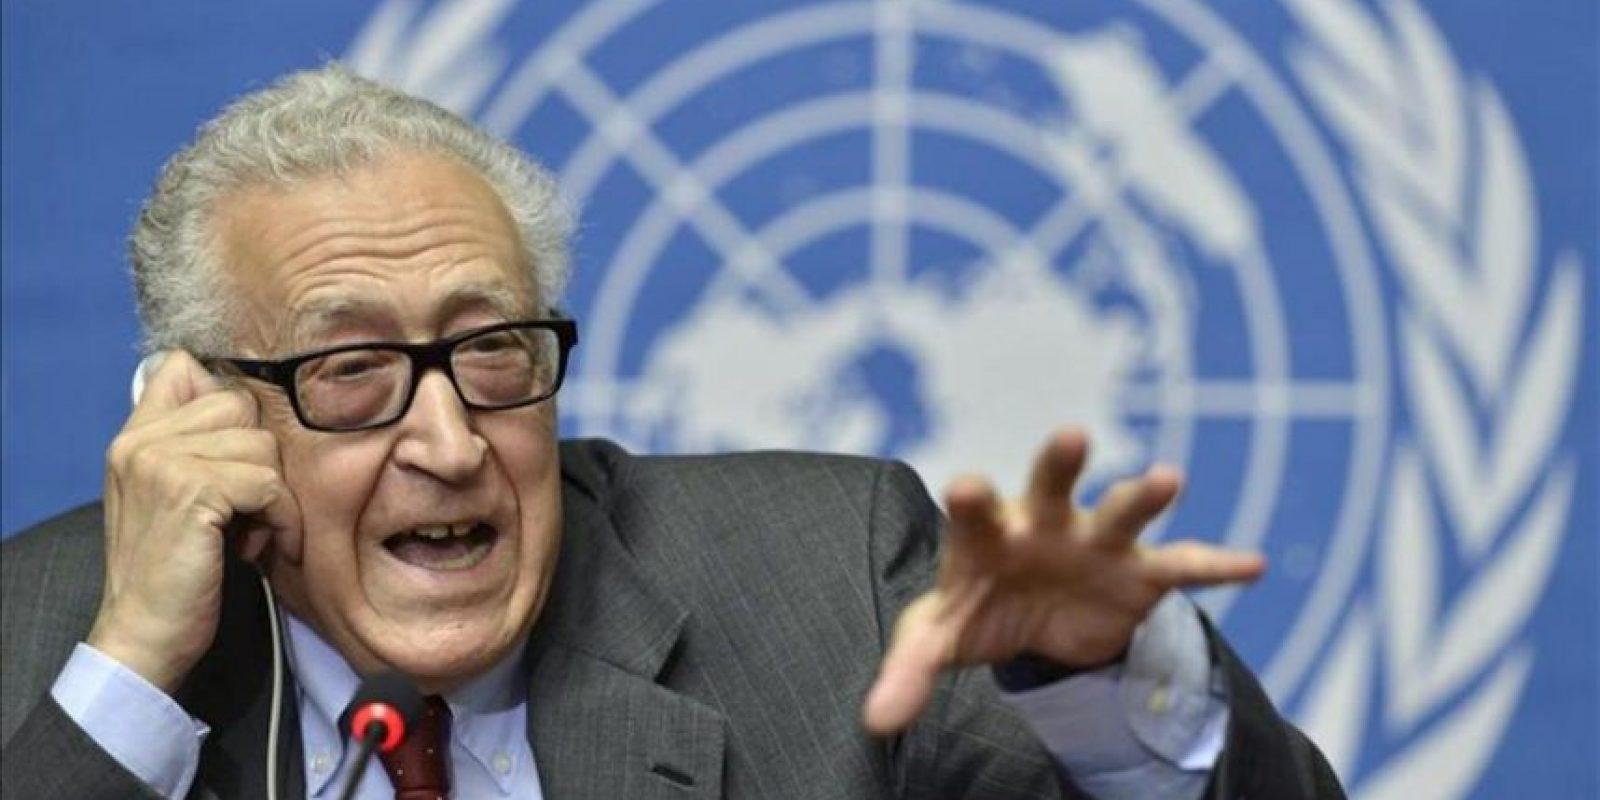 El mediador internacional para Siria, Lajdar Brahimi, ofrece una rueda de prensa en la sede europea de la Organización de las Naciones Unidas (ONU), en Ginebra (Suiza). EFE